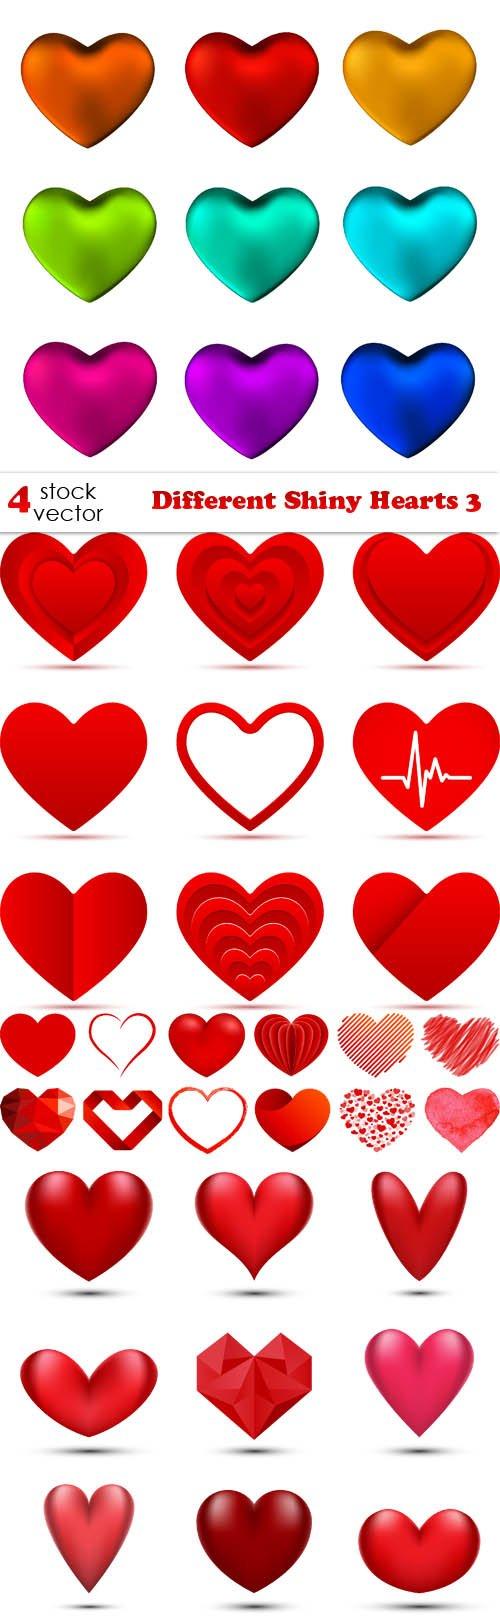 Vectors - Different Shiny Hearts 3